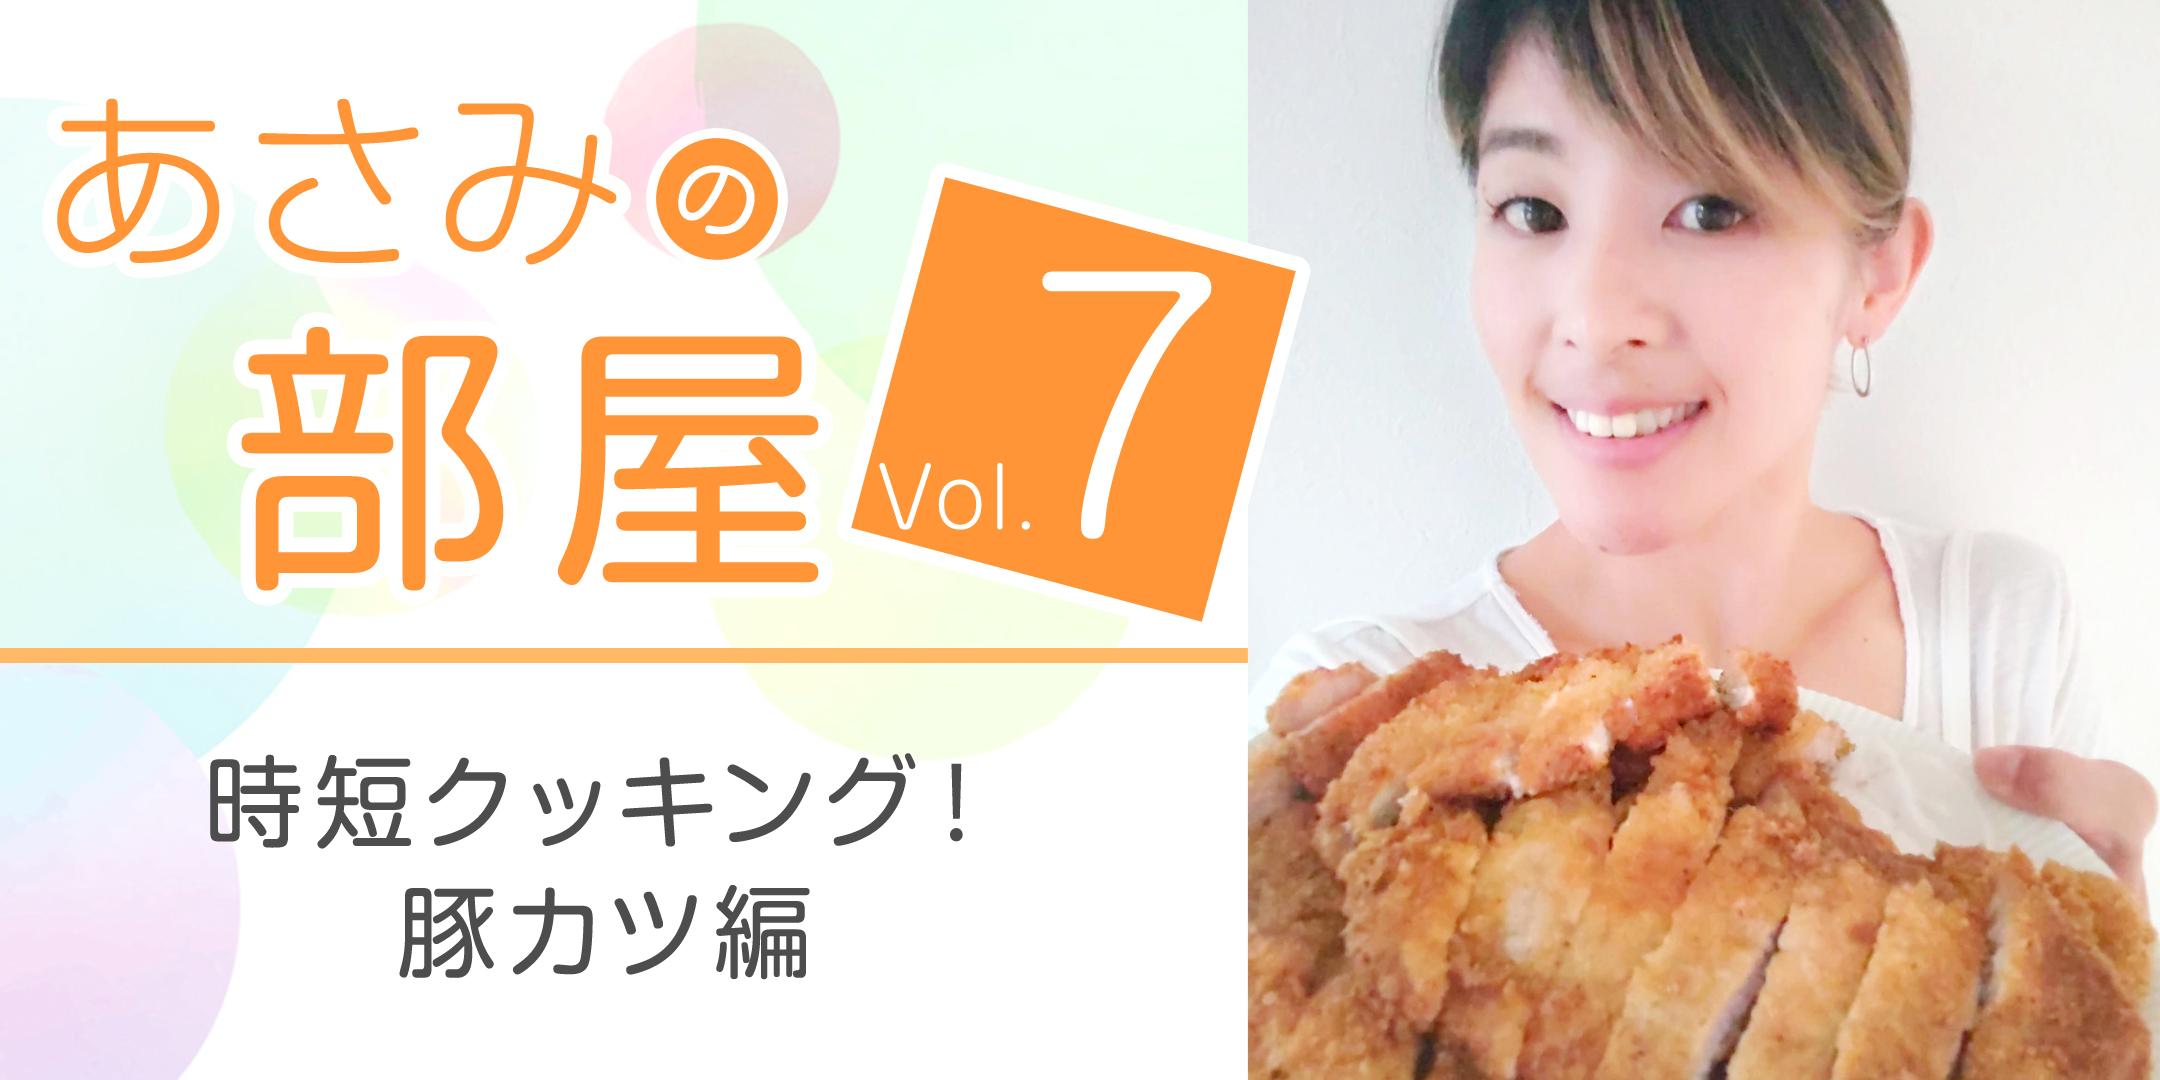 あさみの部屋Vol.7